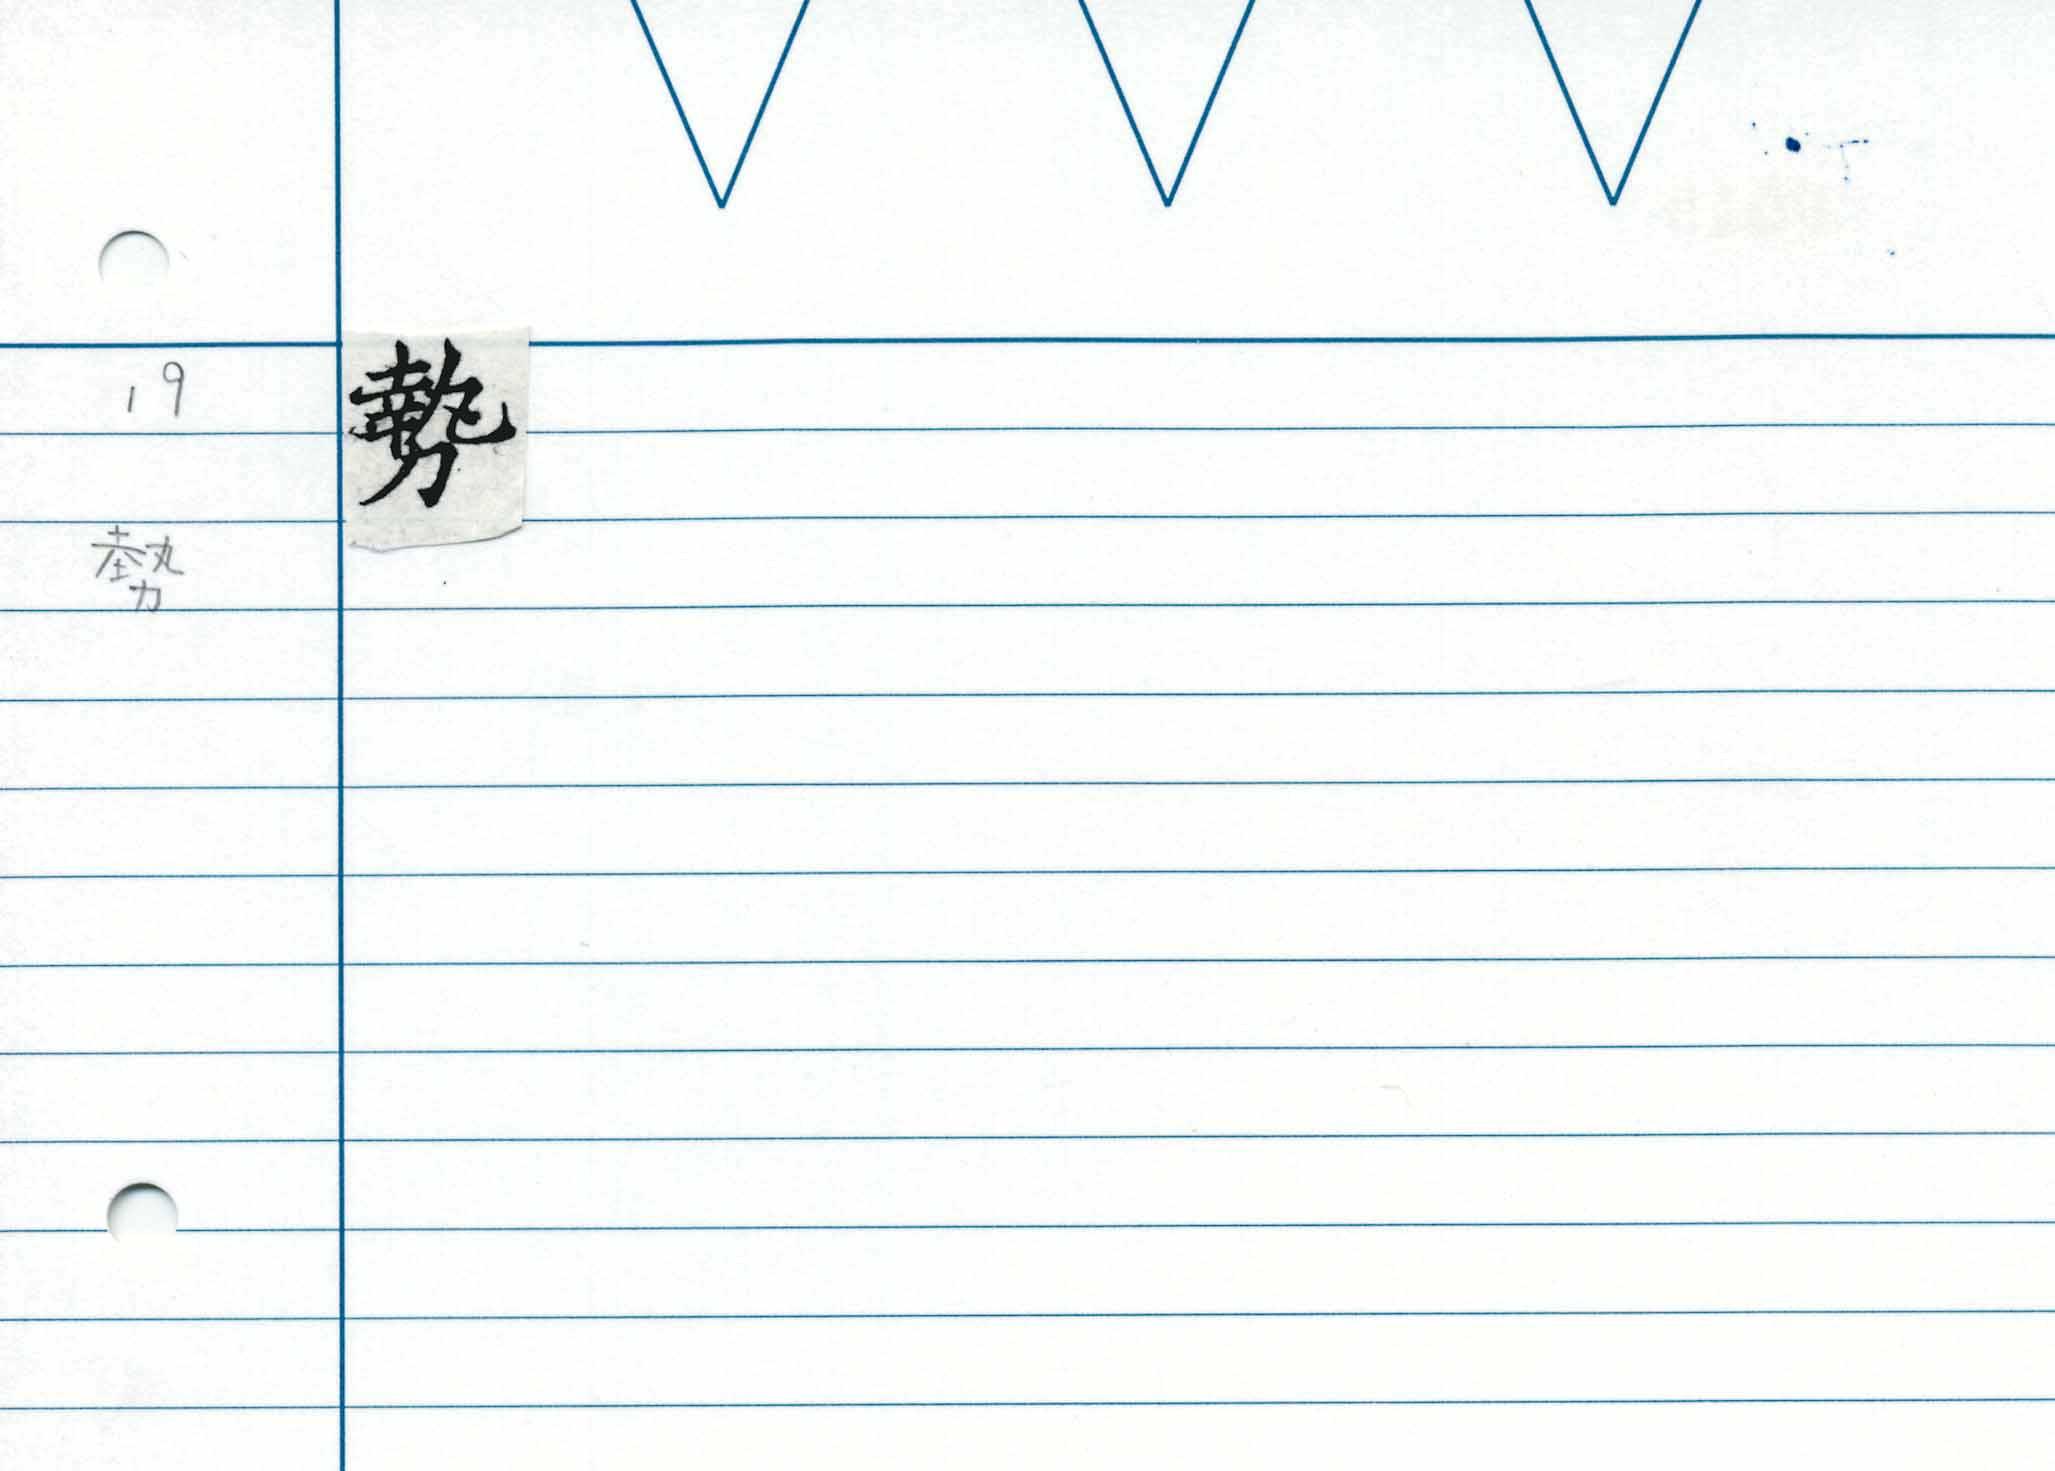 68_藥師功徳經/cards/0019.jpg